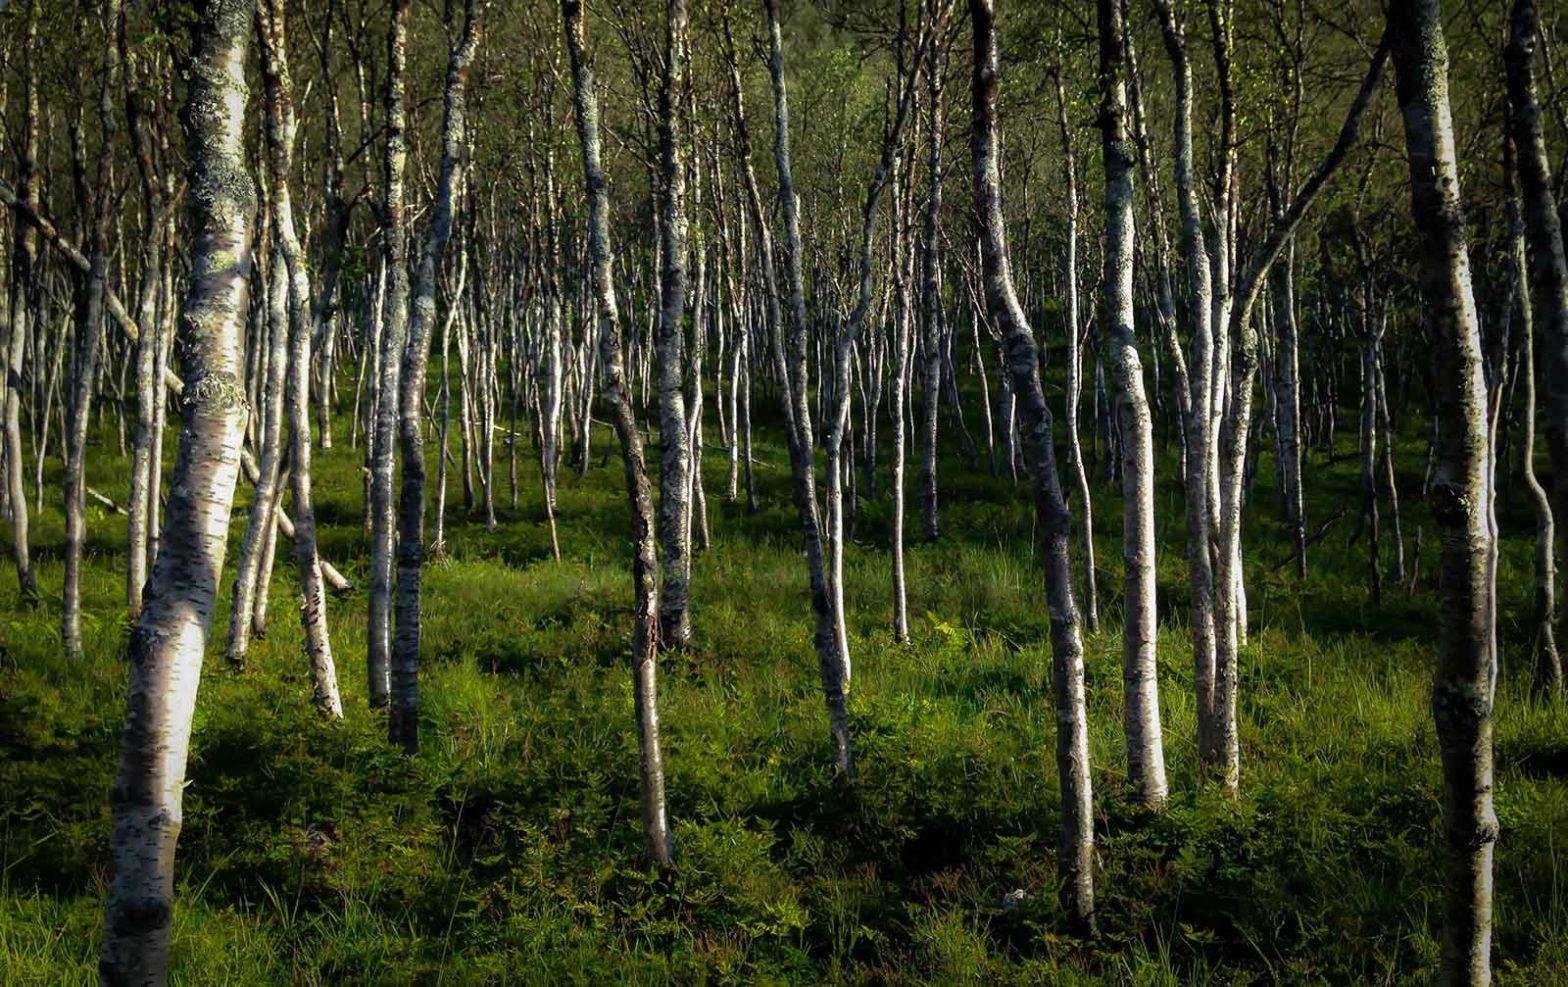 Et bildeutsnitt av flere trær i en skog. De står likt og ganske parallelt.